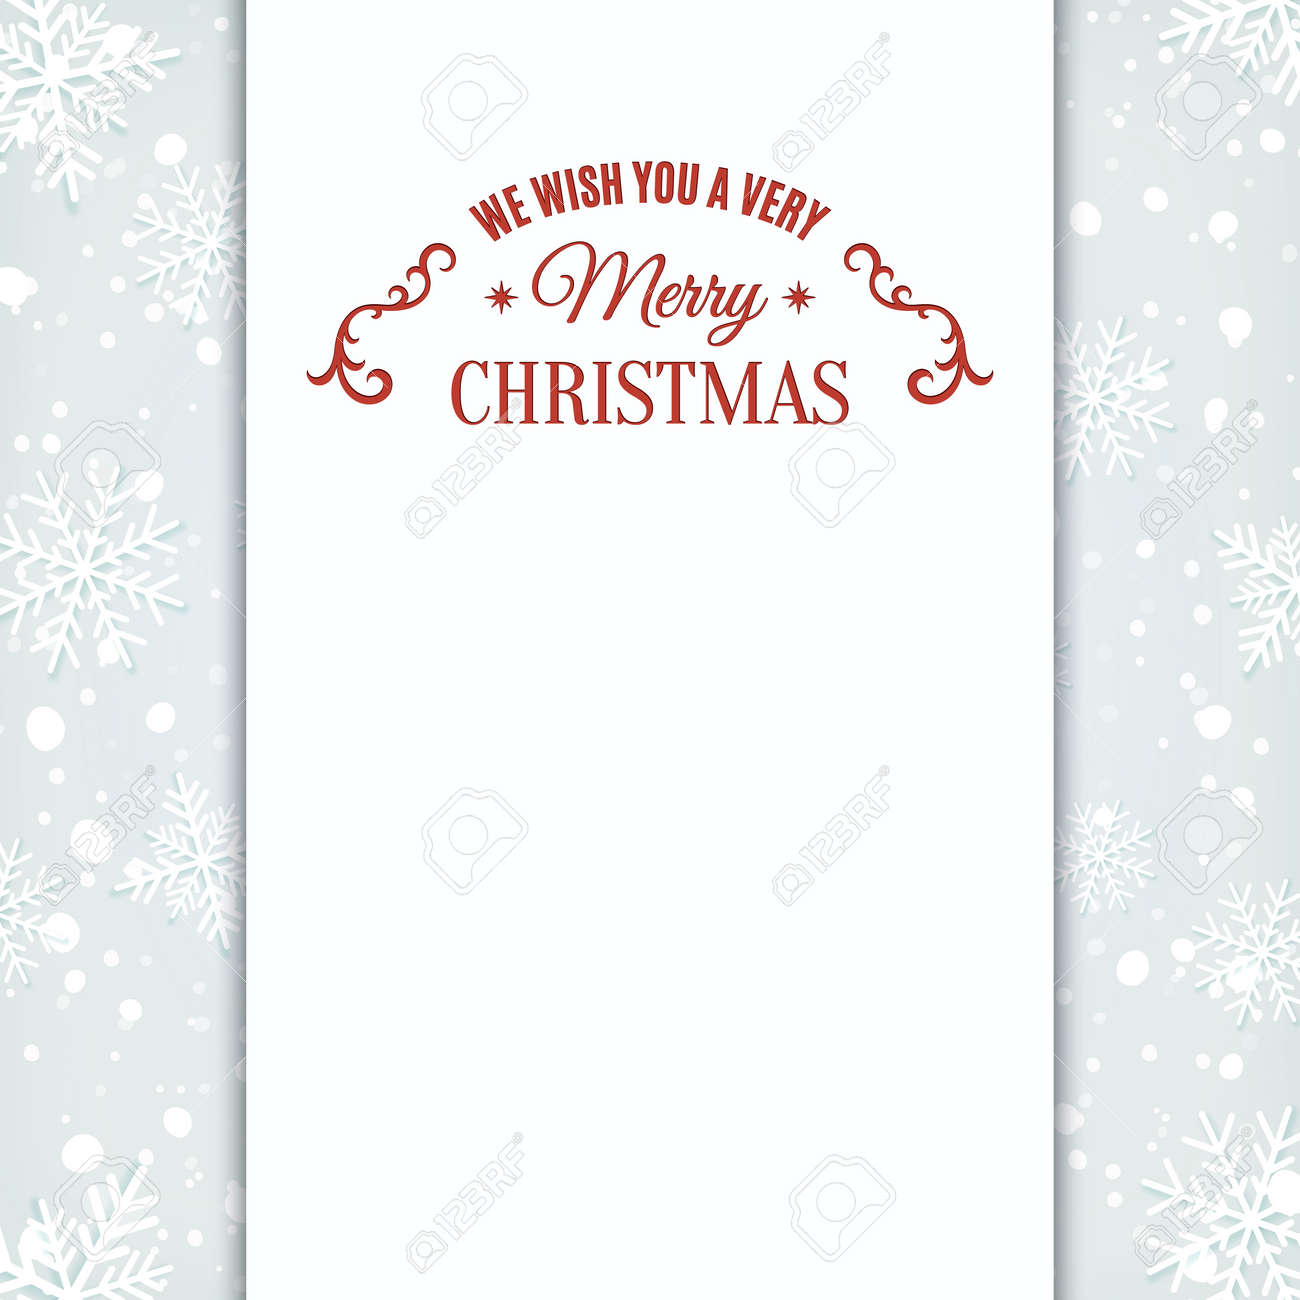 Invitación De La Tarjeta De Felicitación De Navidad, Plantilla Con ...